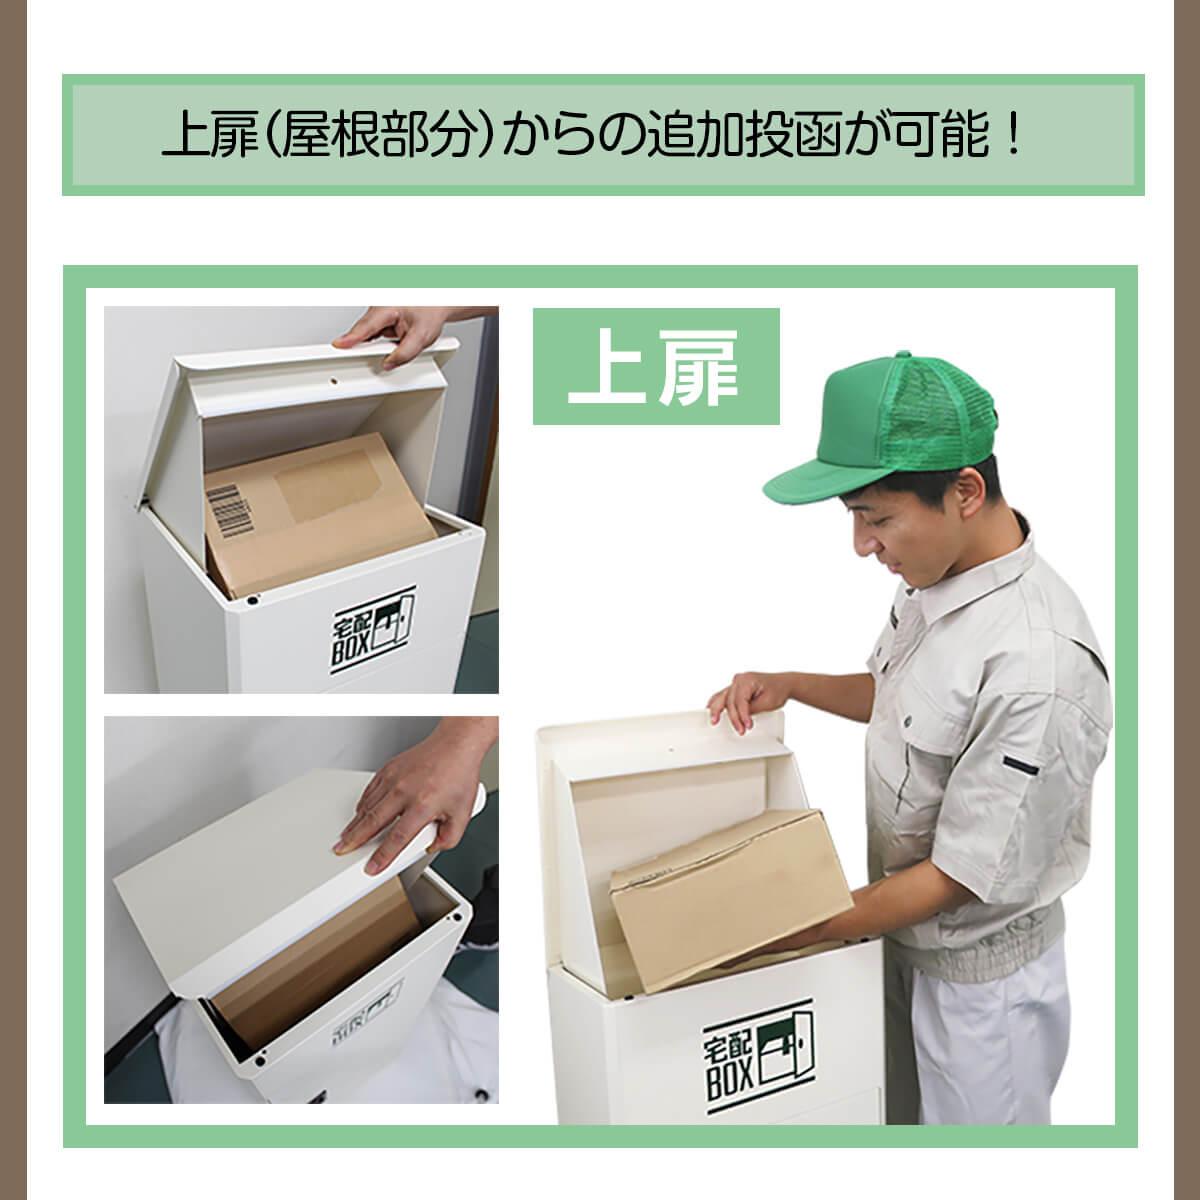 宅配ボックス ルスネコボックス®使い方5